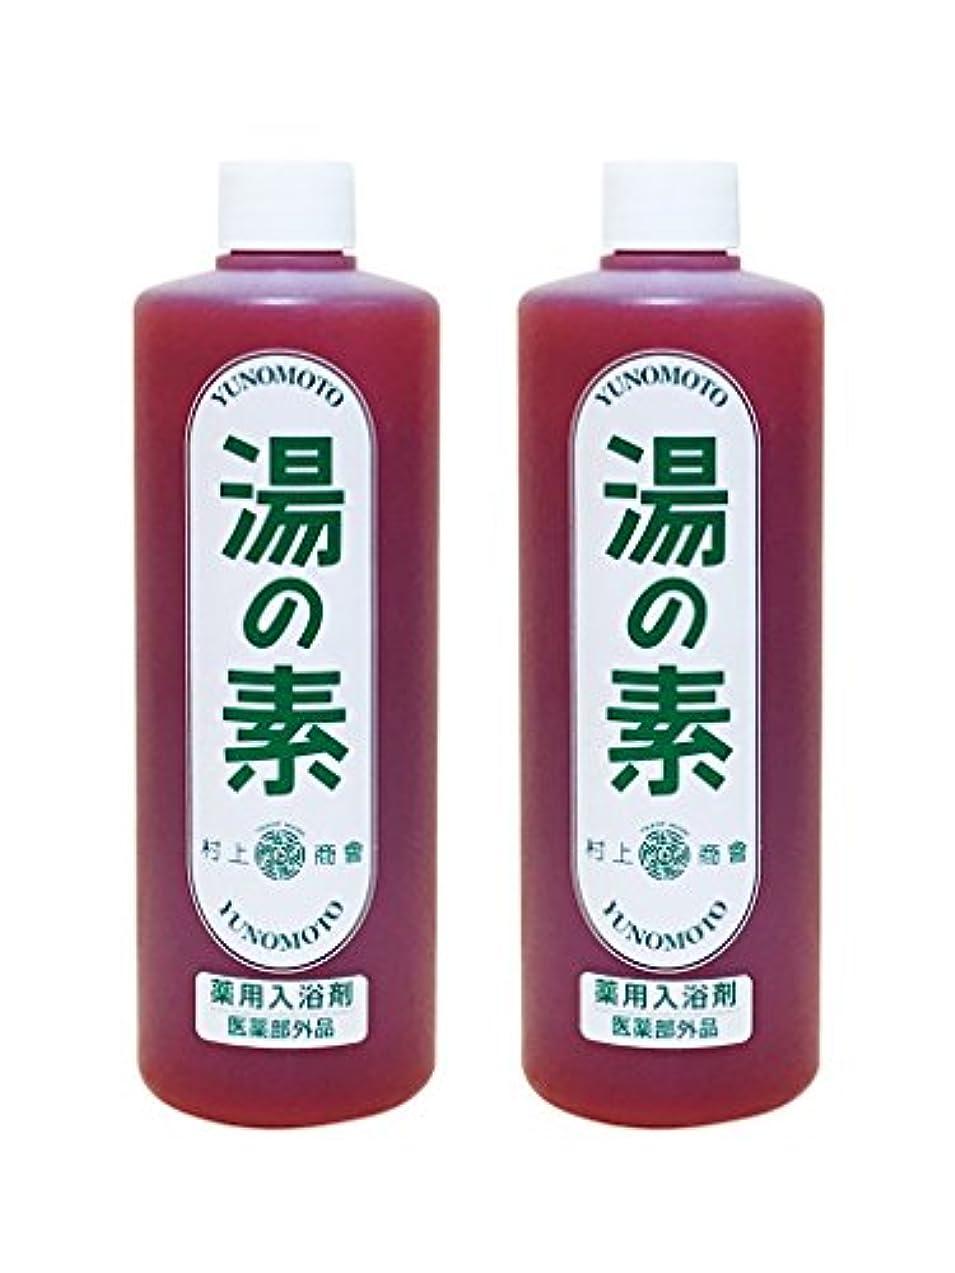 なぜなら水没略奪硫黄乳白色湯 湯の素 薬用入浴剤 (医薬部外品) 490g 2本セット